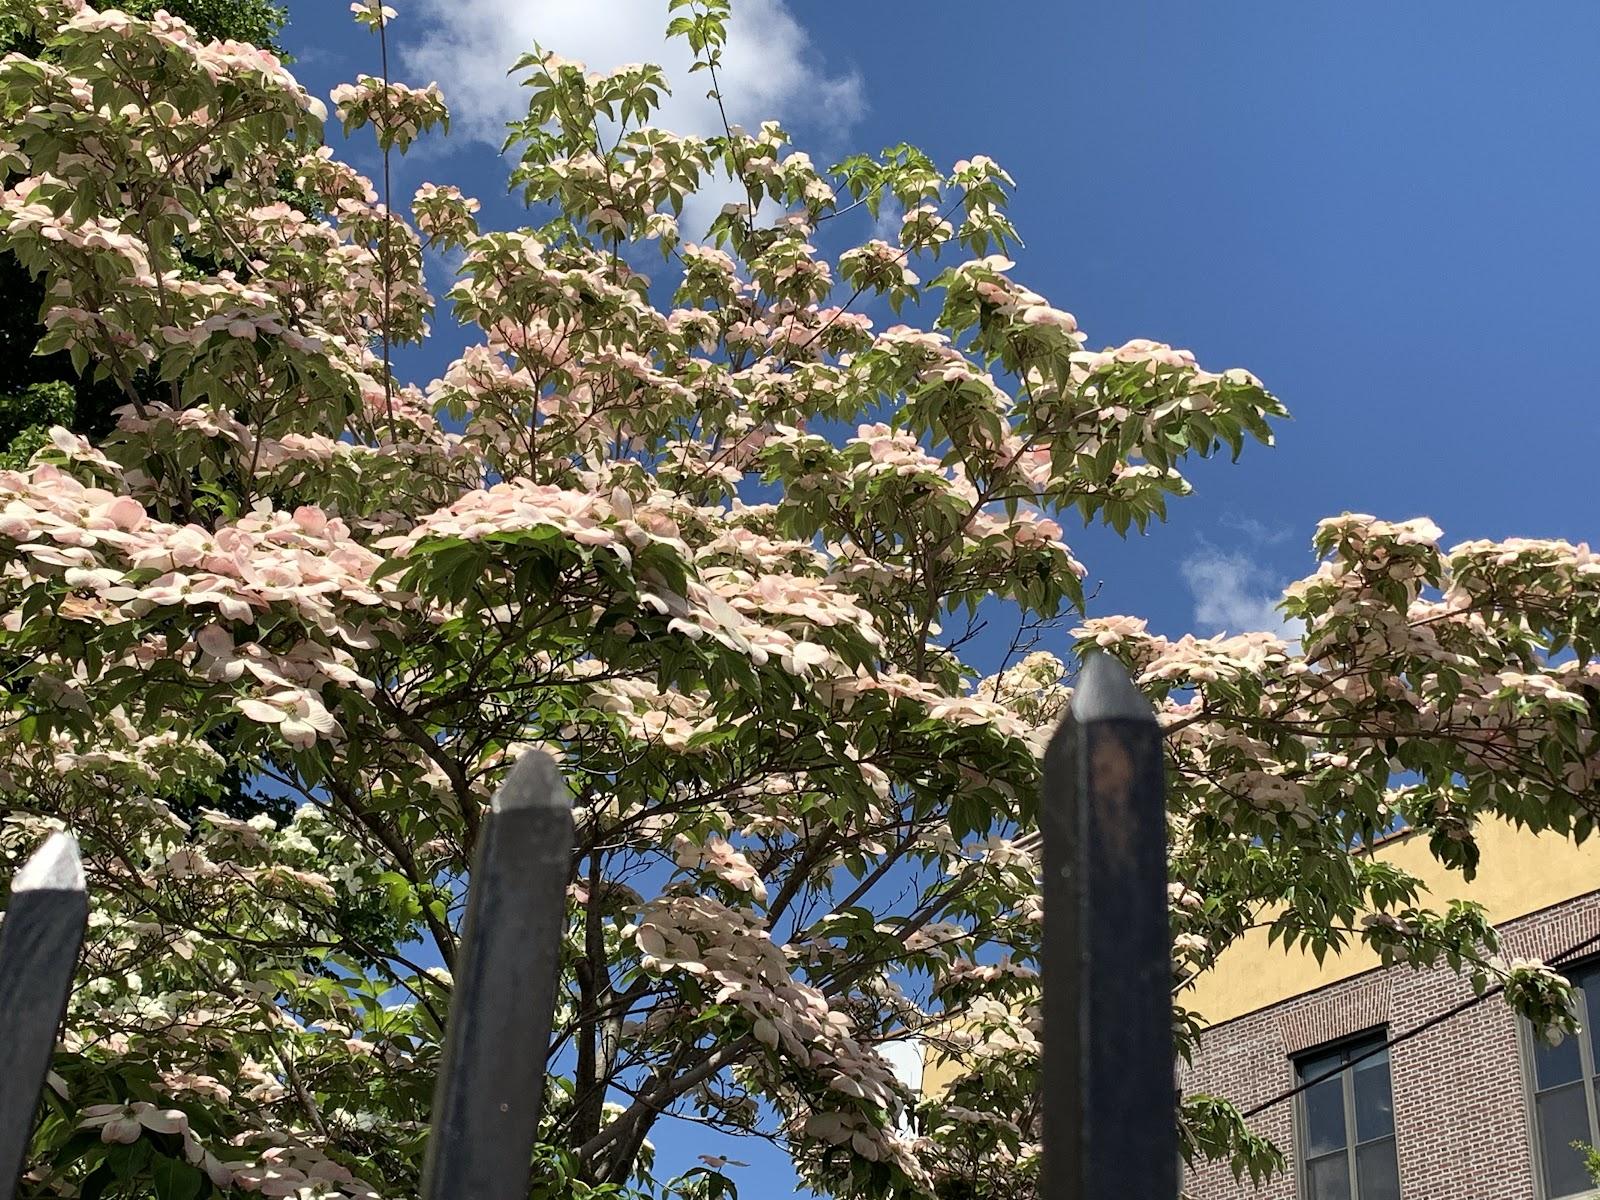 Flowering Dogwood: Myths and Medicine - Go Green Brooklyn